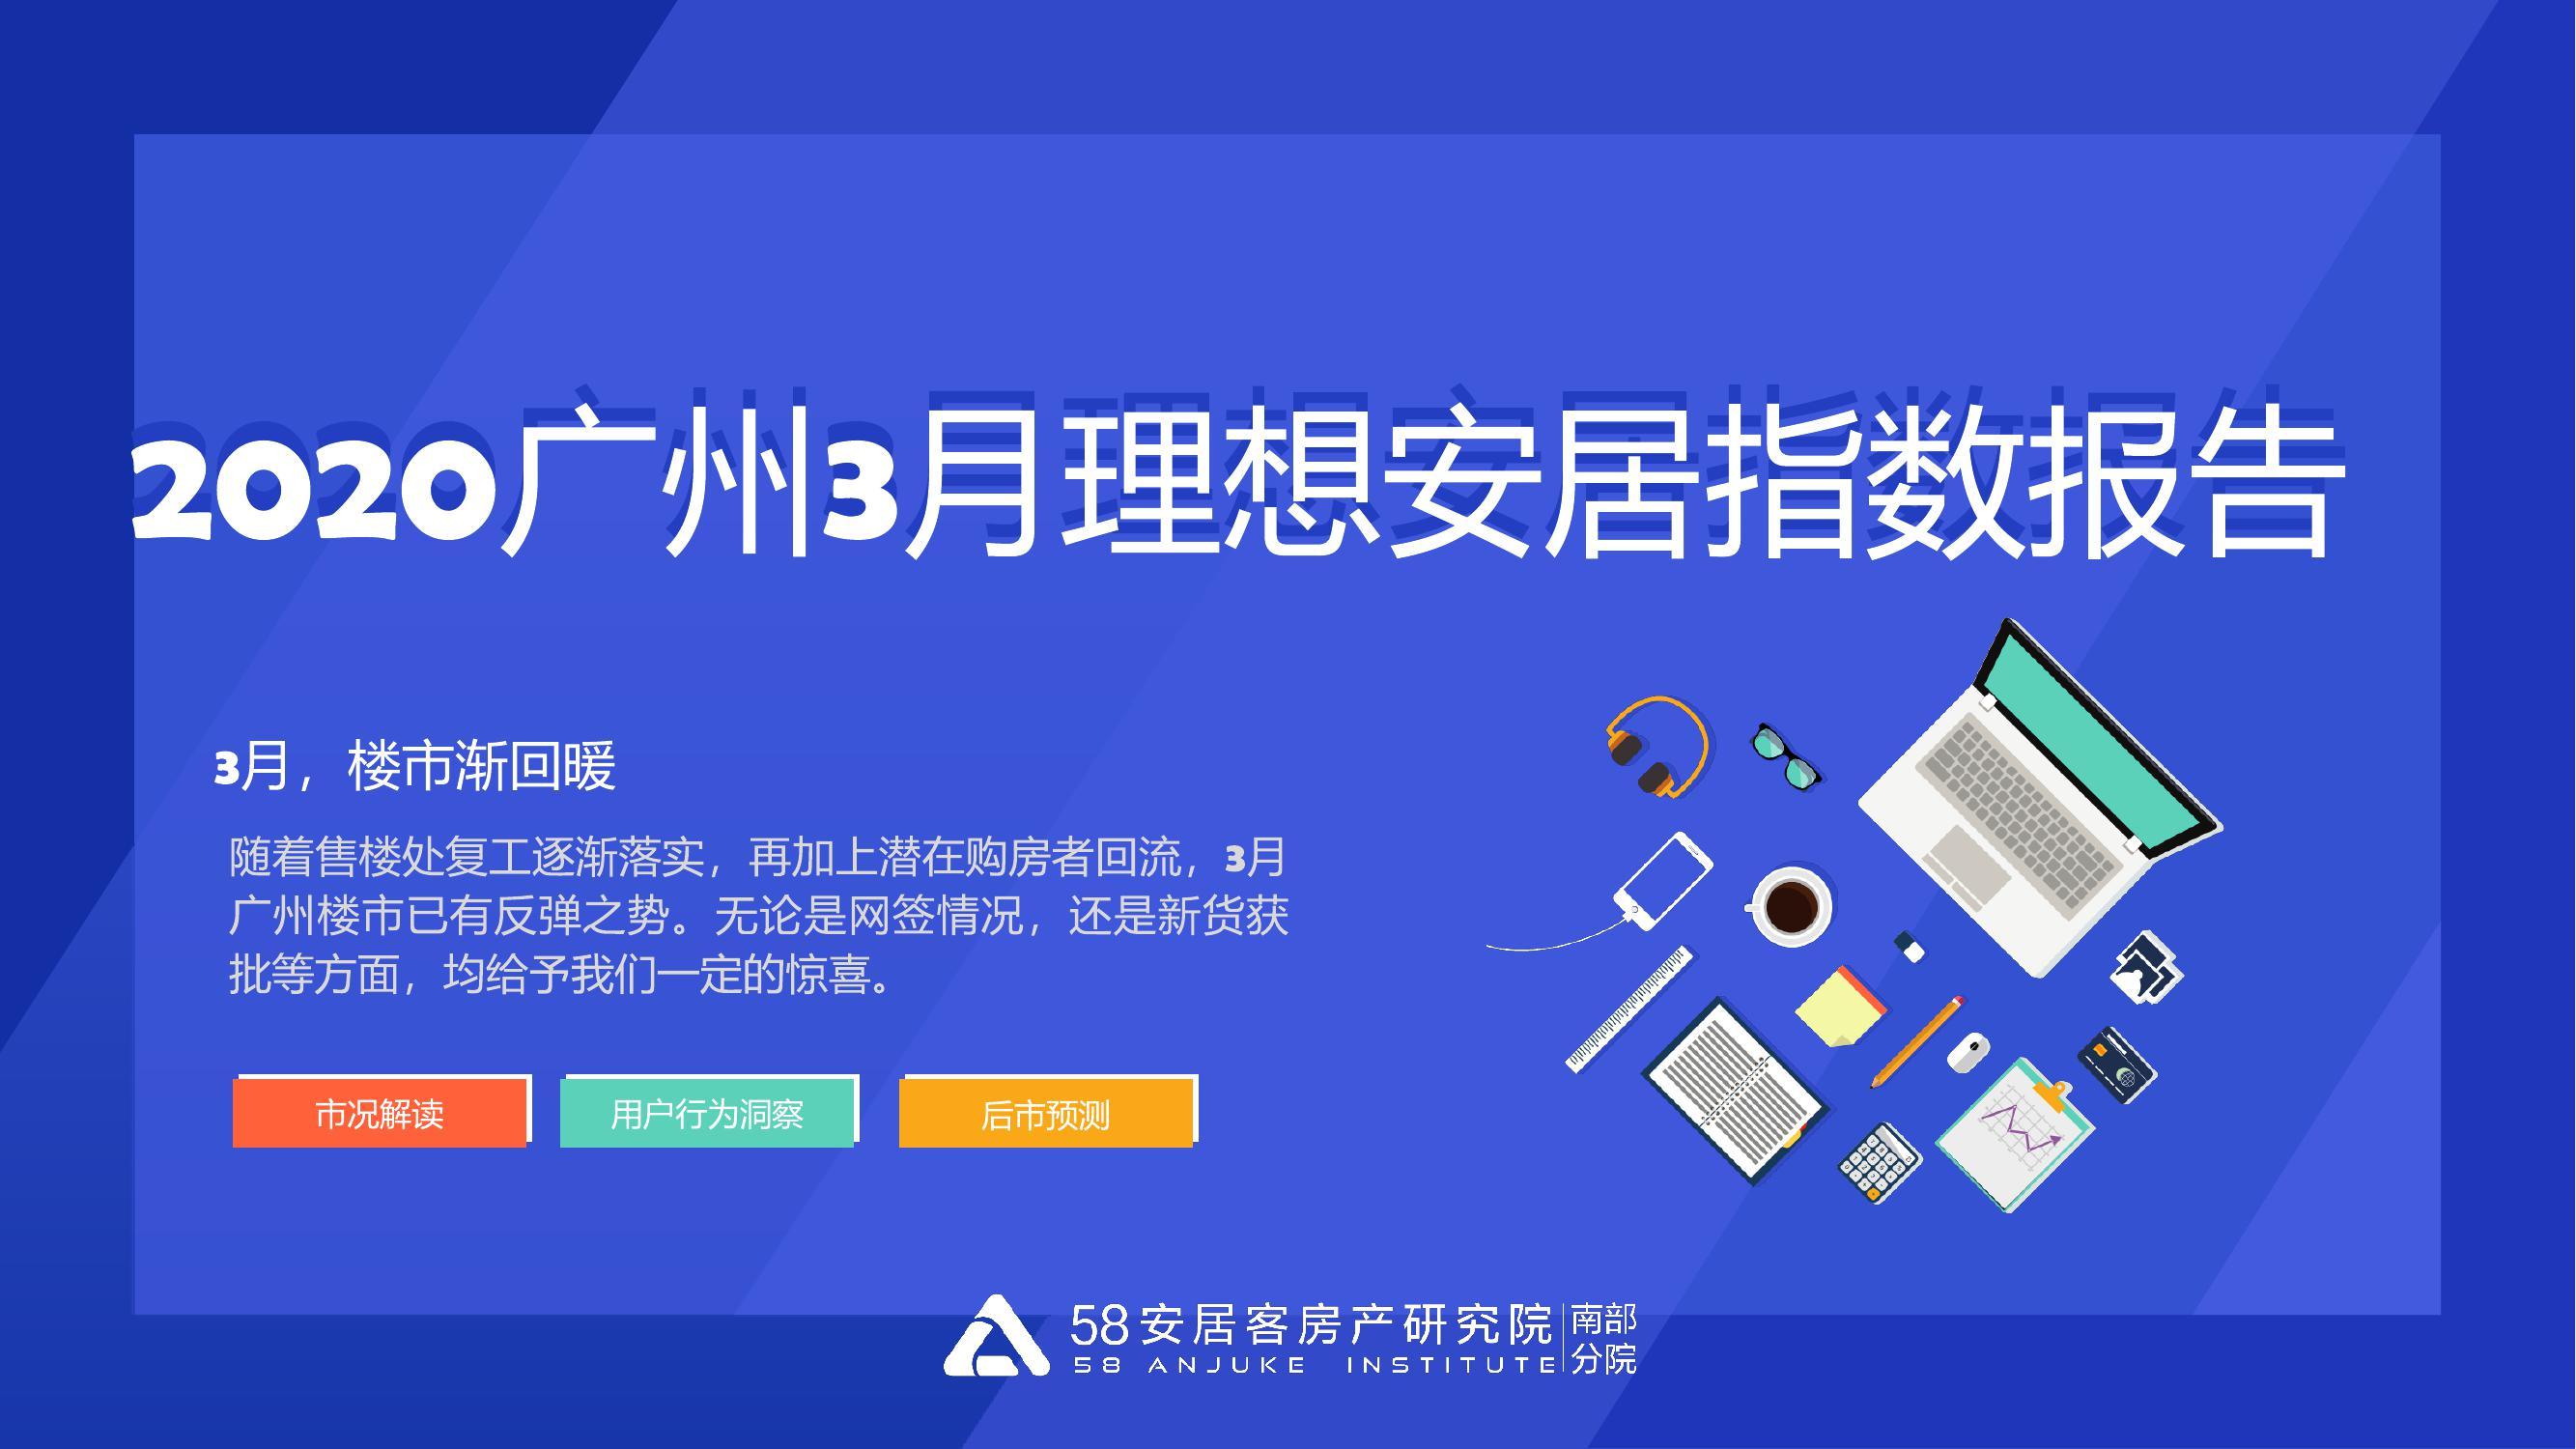 58安居客:2020年3月广州理想安居指数报告(附下载)